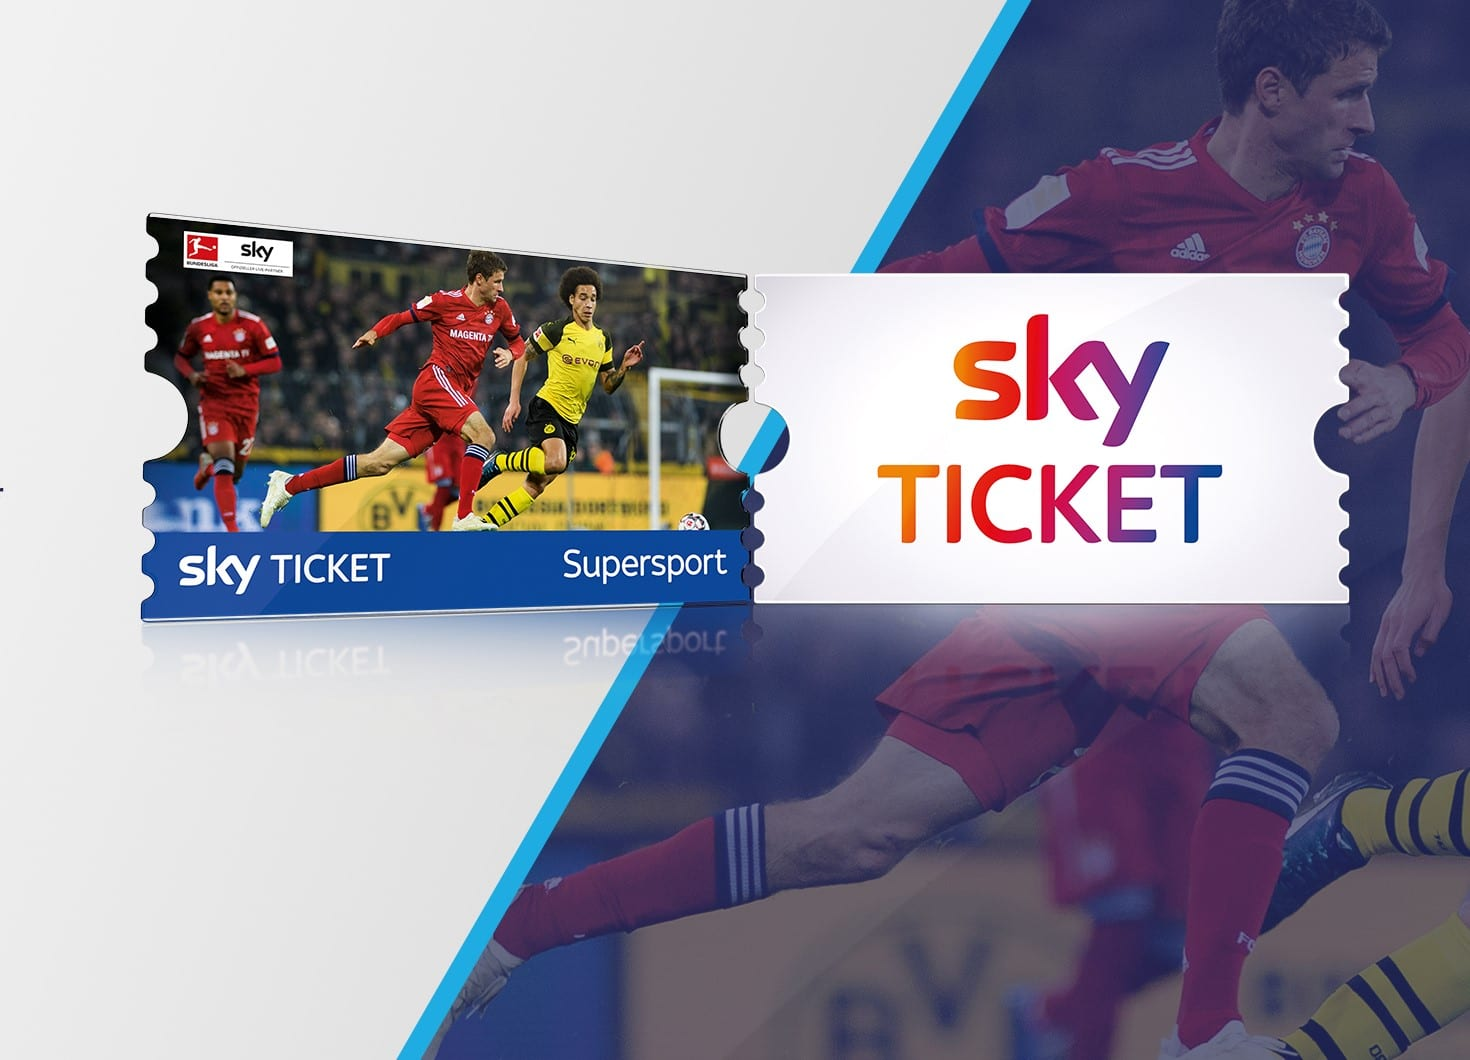 Streame den besten Live-Sport mit Sky Ticket